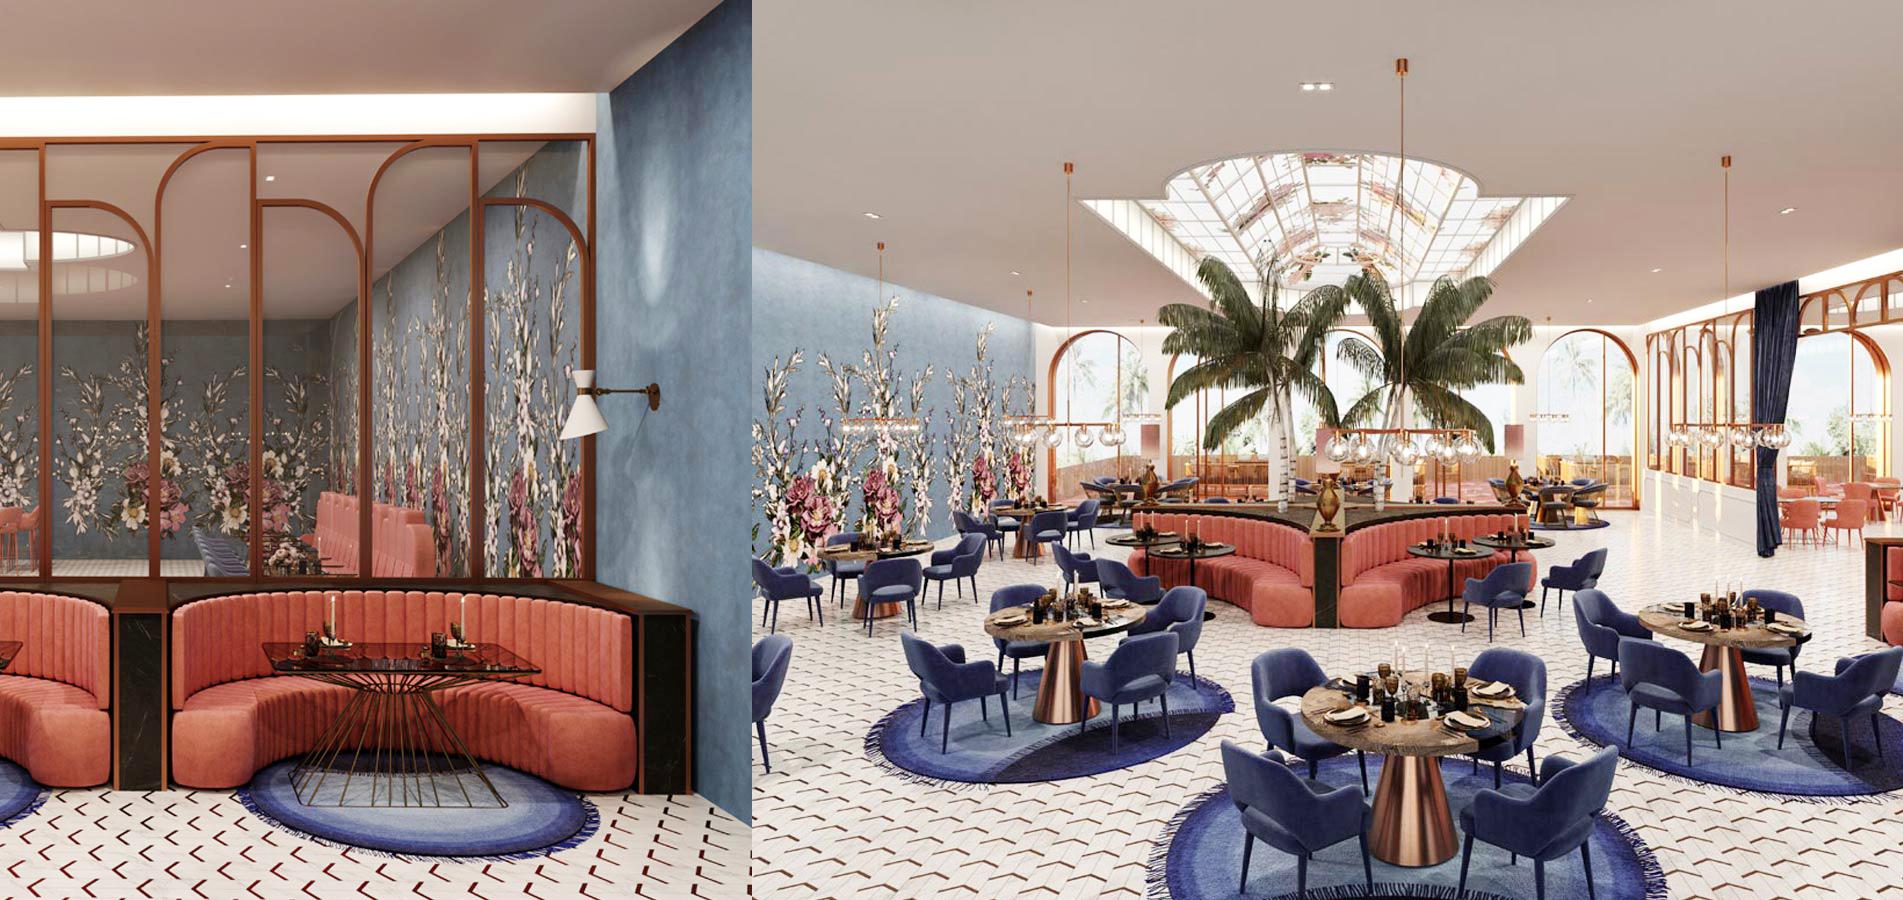 Restaurant-interieur-design-Ingrid-van-der-Veen